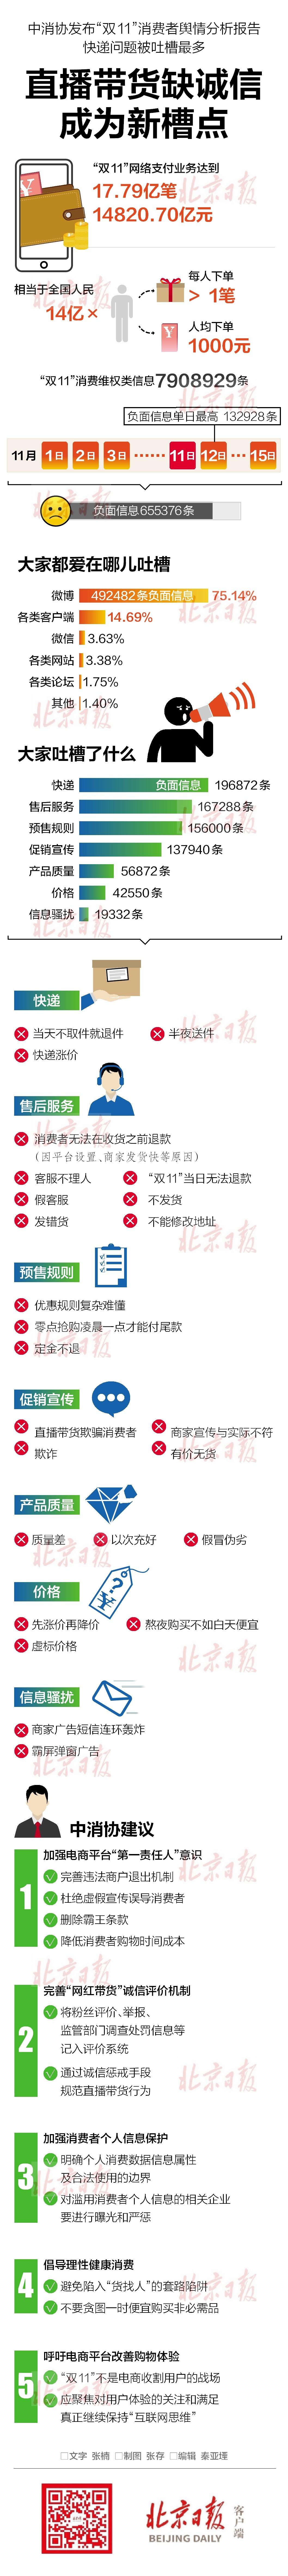 545彩票网app - 优酷腾讯爱奇艺携六公司联合倡议:倡导德艺双馨反对虚荣攀比